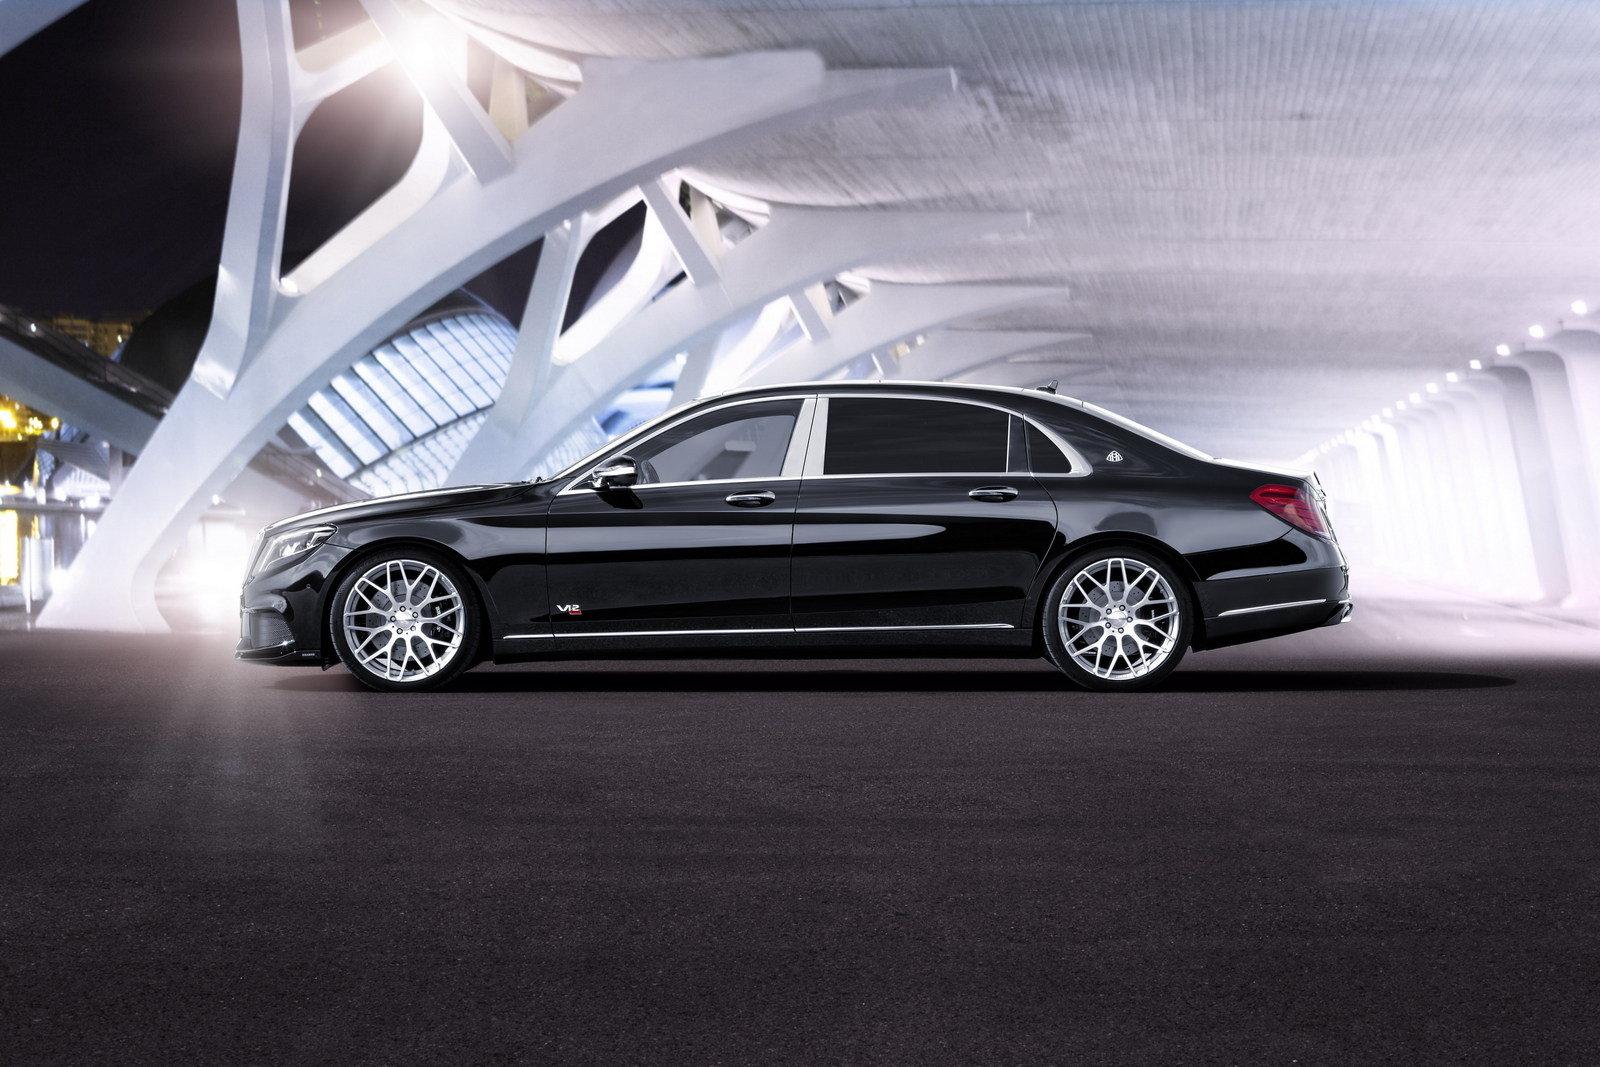 Mercedes Maybach - Luxury car rental Houston